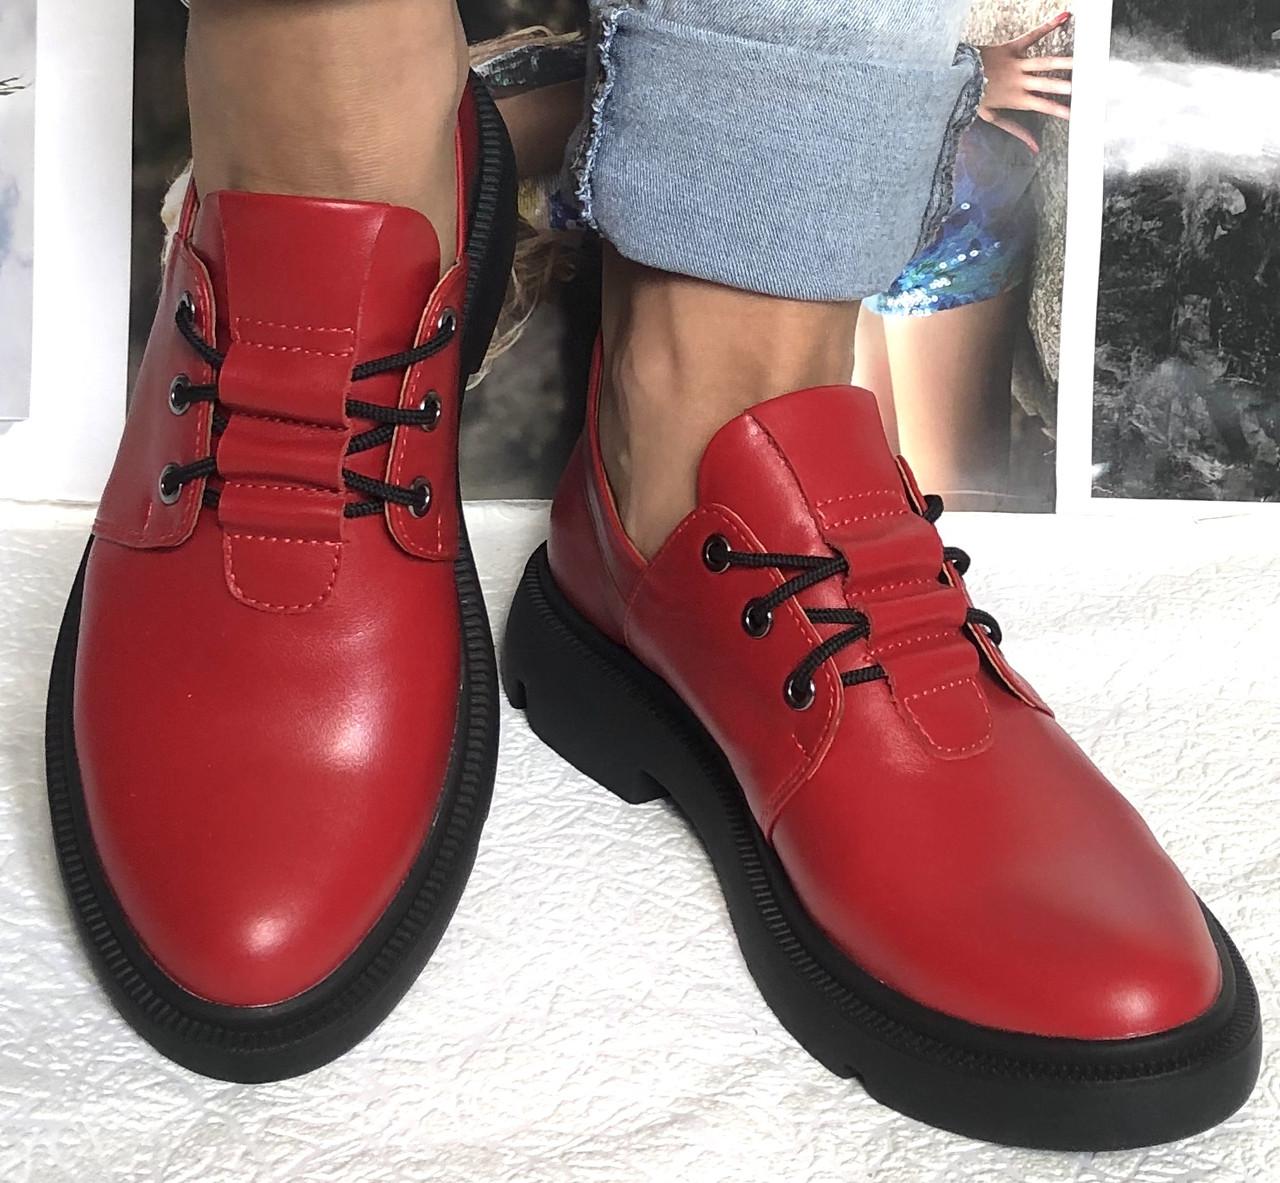 Moncler туфли! Женские осенние кожаные полуботинки на толстой подошве на шнурках красного цвета